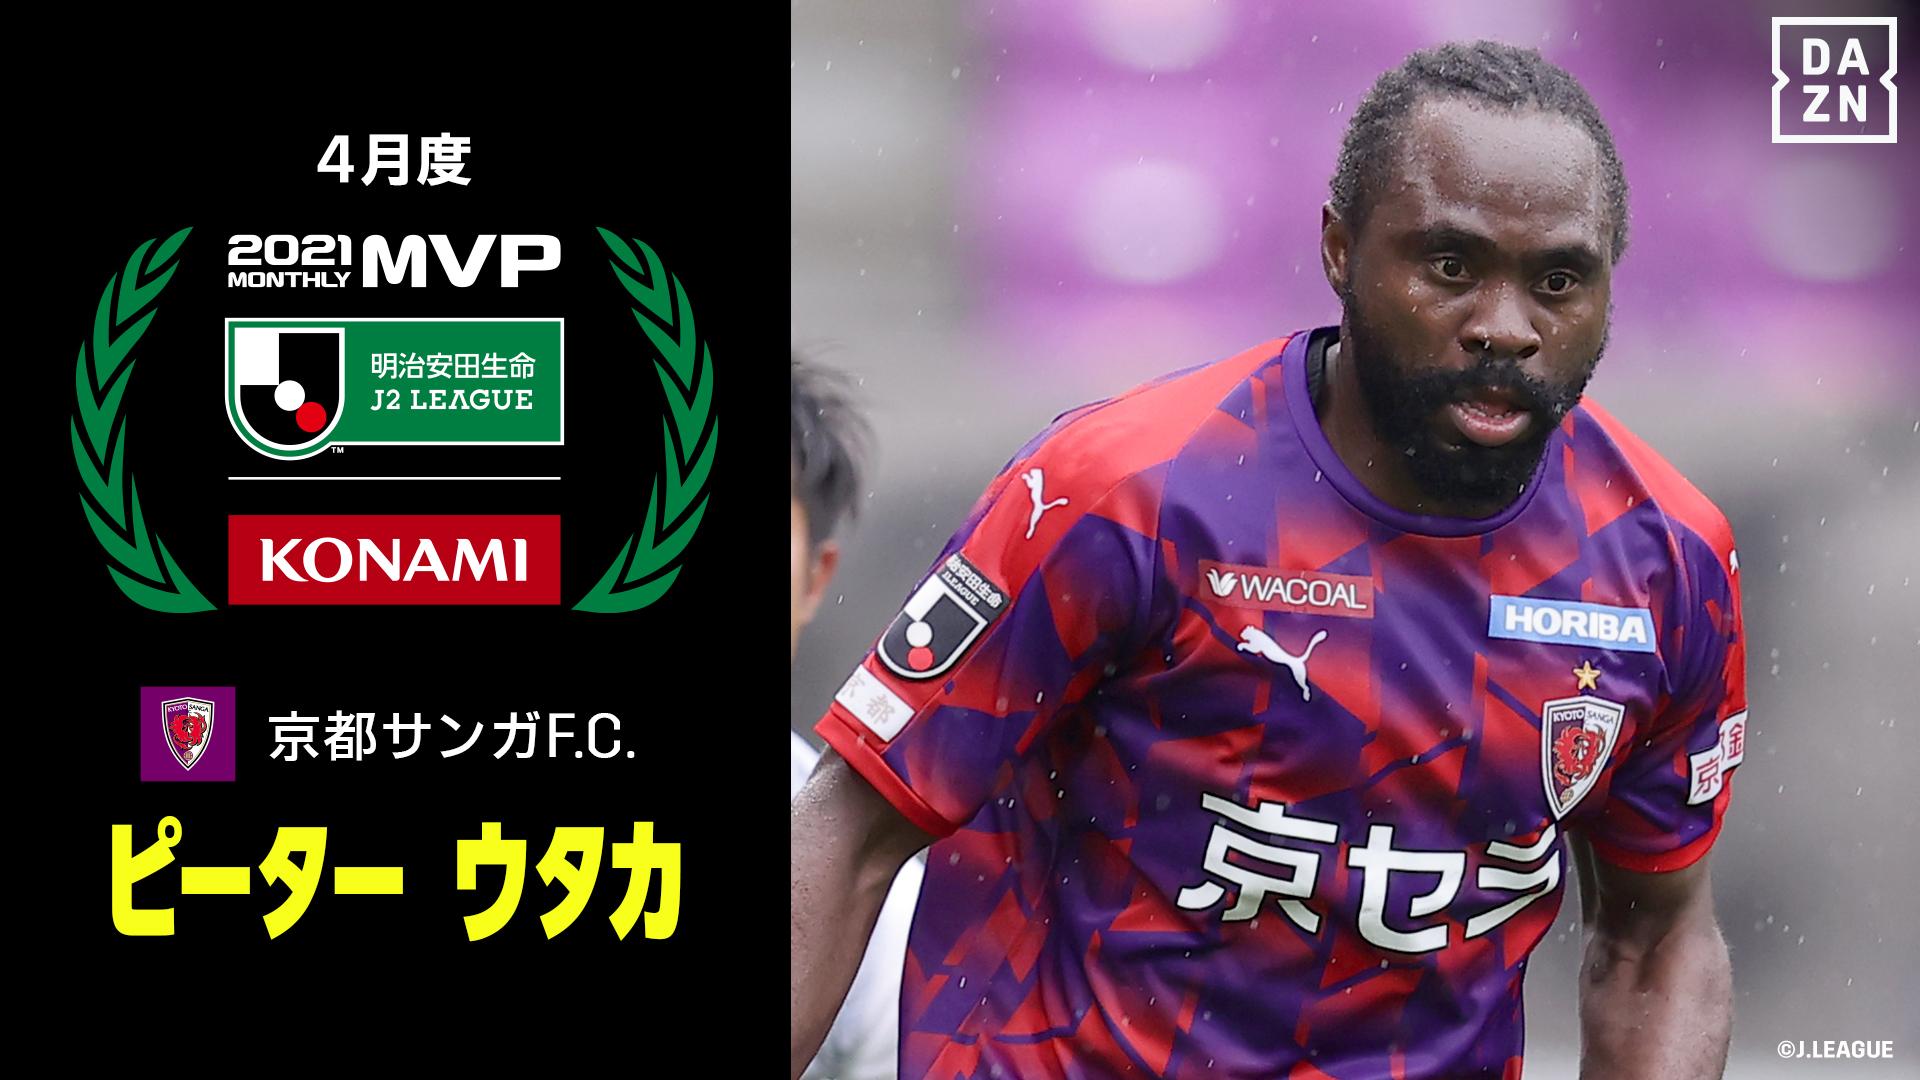 明治安田生命Jリーグ KONAMI月間MVP J2 4月度 ピーター ウタカ選手(京都サンガF.C.)